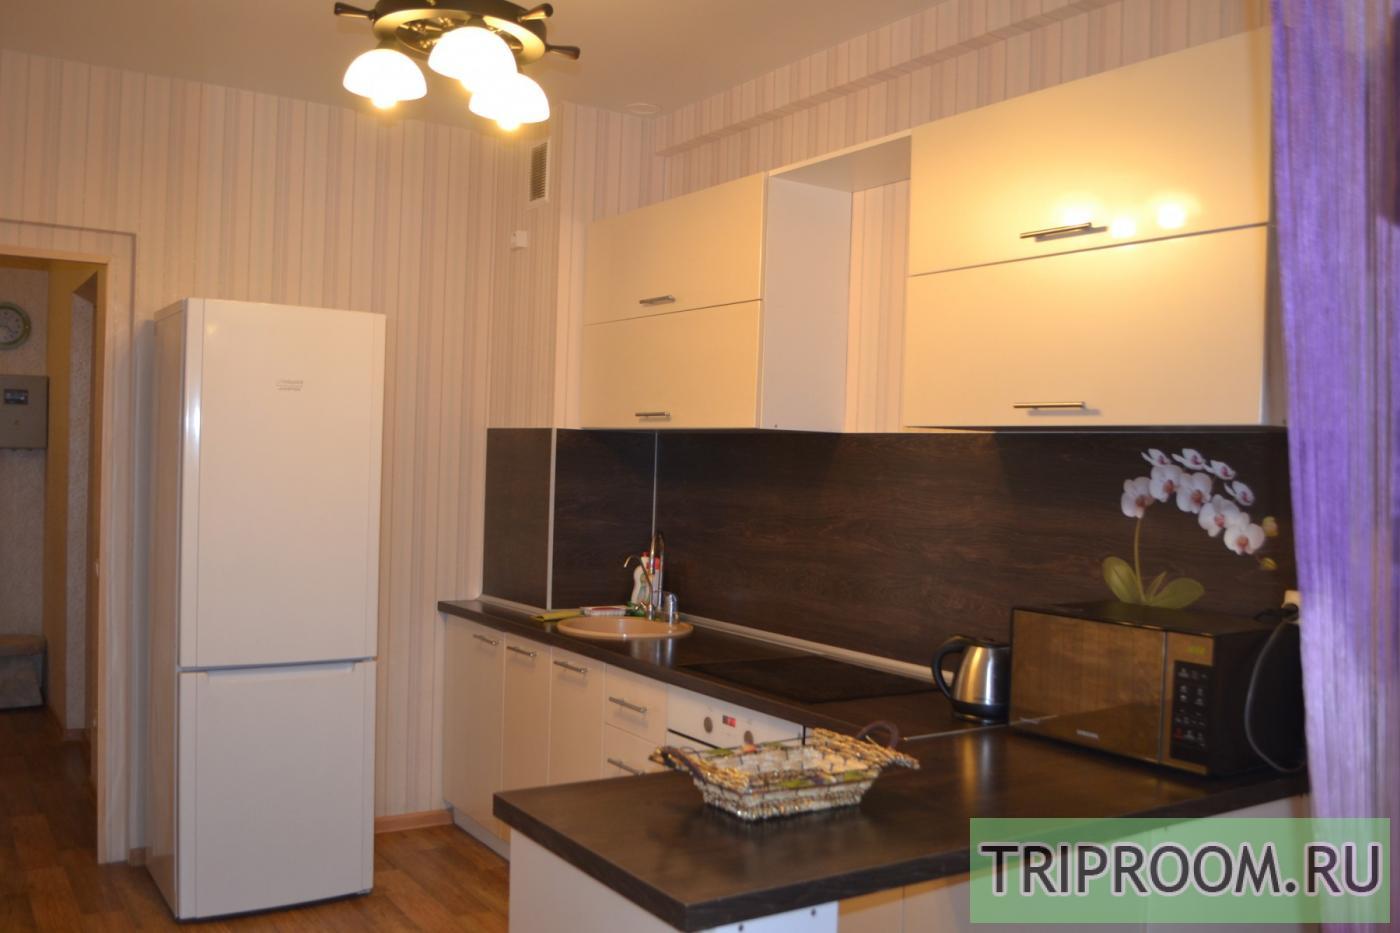 1-комнатная квартира посуточно (вариант № 23176), ул. улиуа Беляева, фото № 4